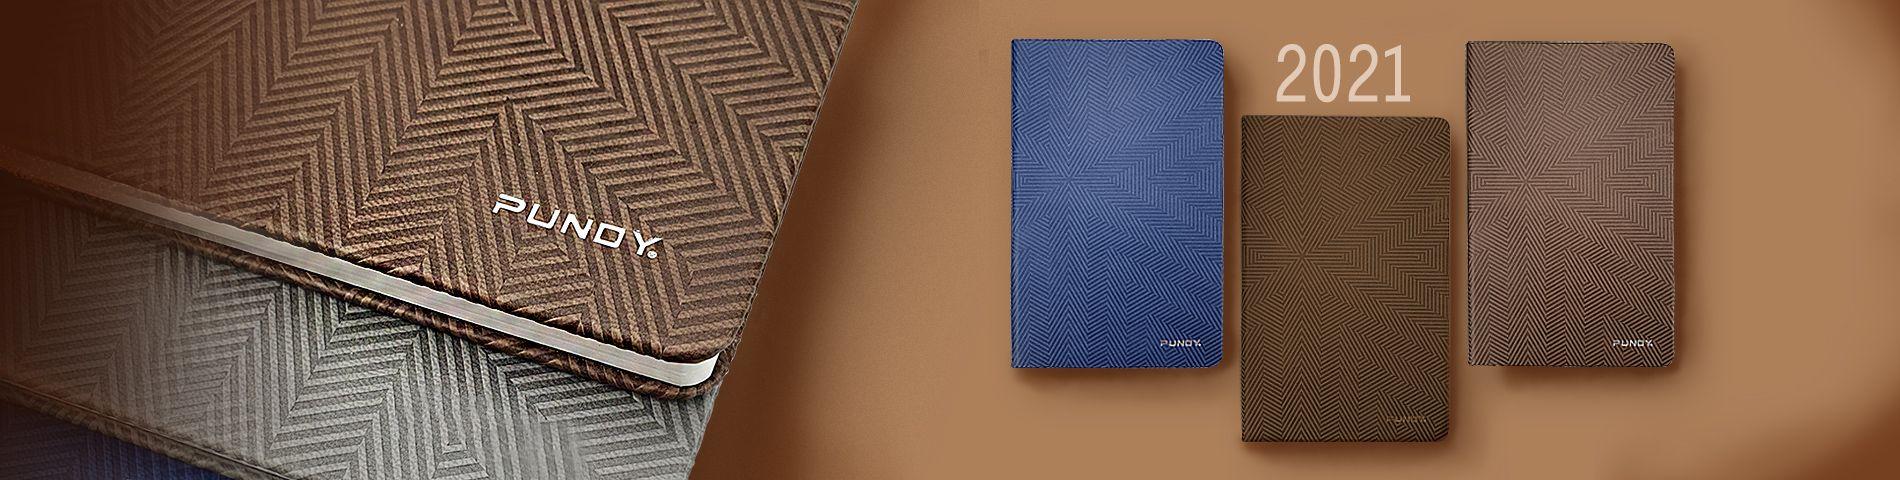 プロのカスタムデザイン 企業イメージを強調する